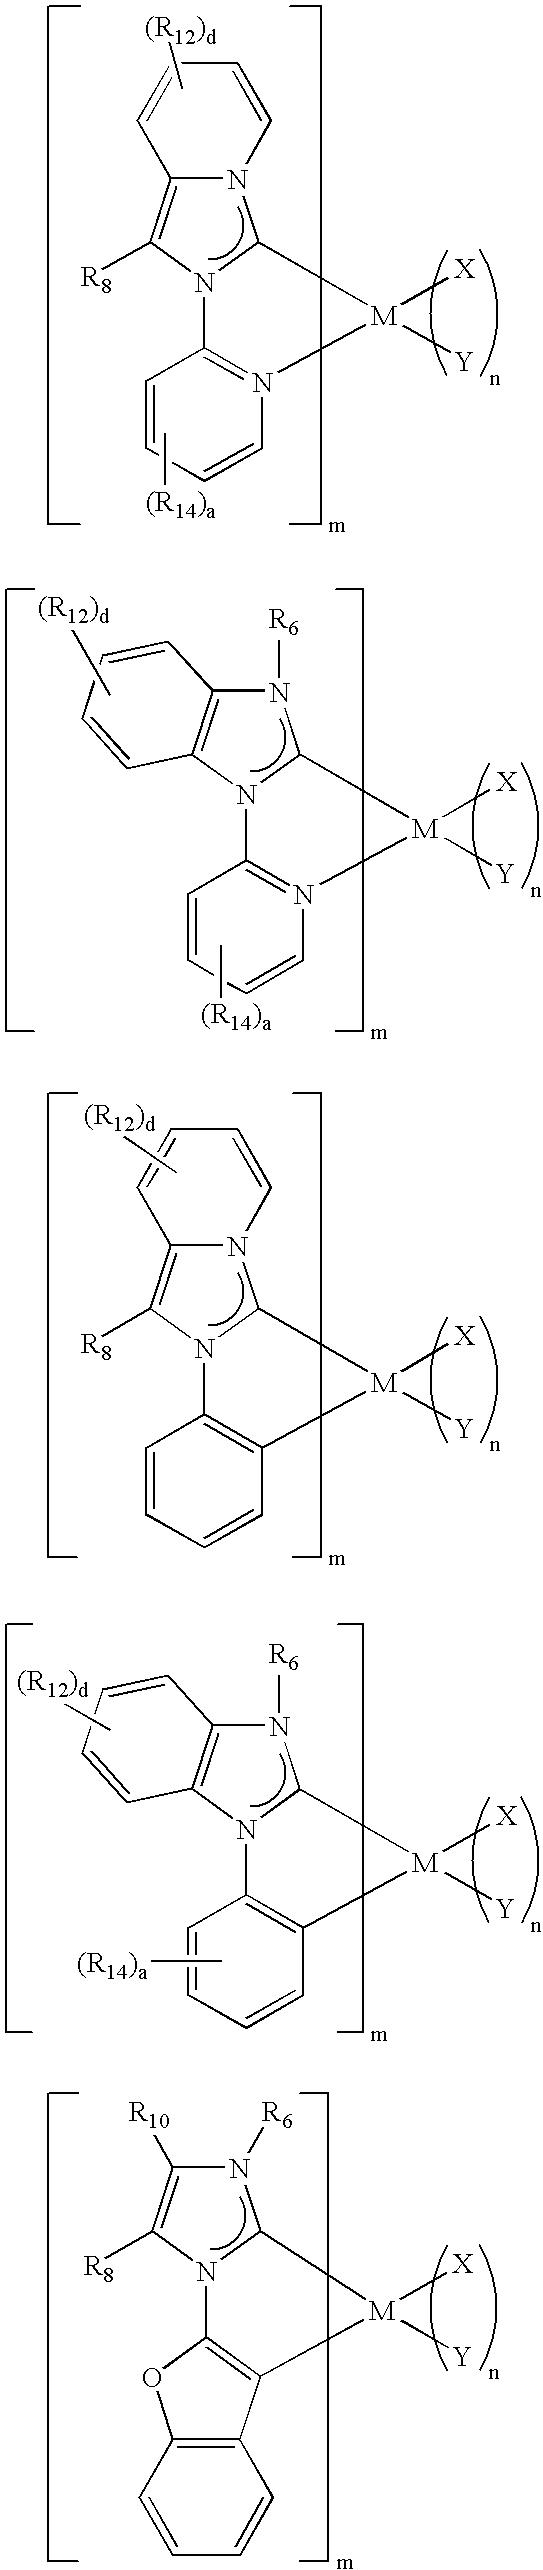 Figure US07491823-20090217-C00056